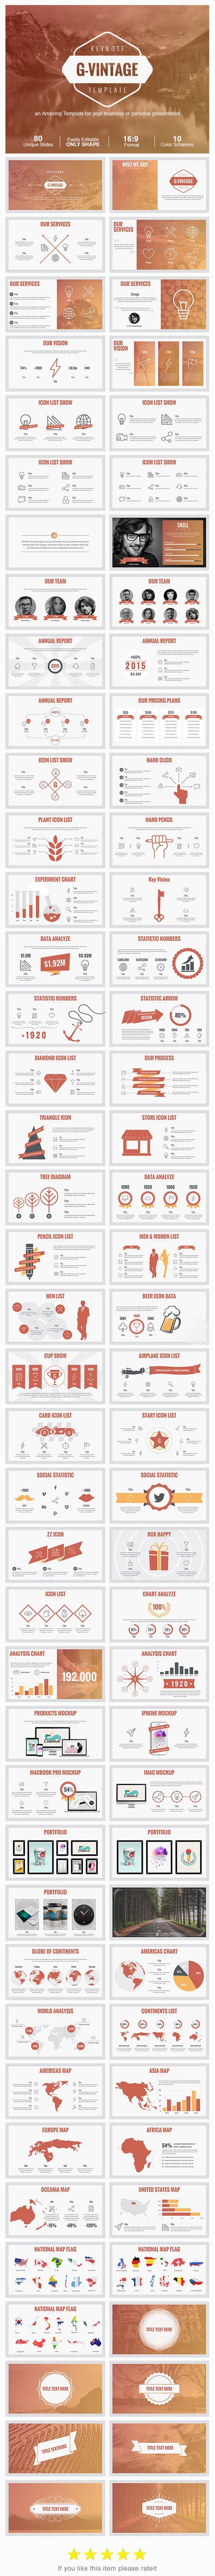 G-Vintage Keynote Presentation Template #design #slides Download: http://graphicriver.net/item/gvintage-presentation-/13647376?ref=ksioks